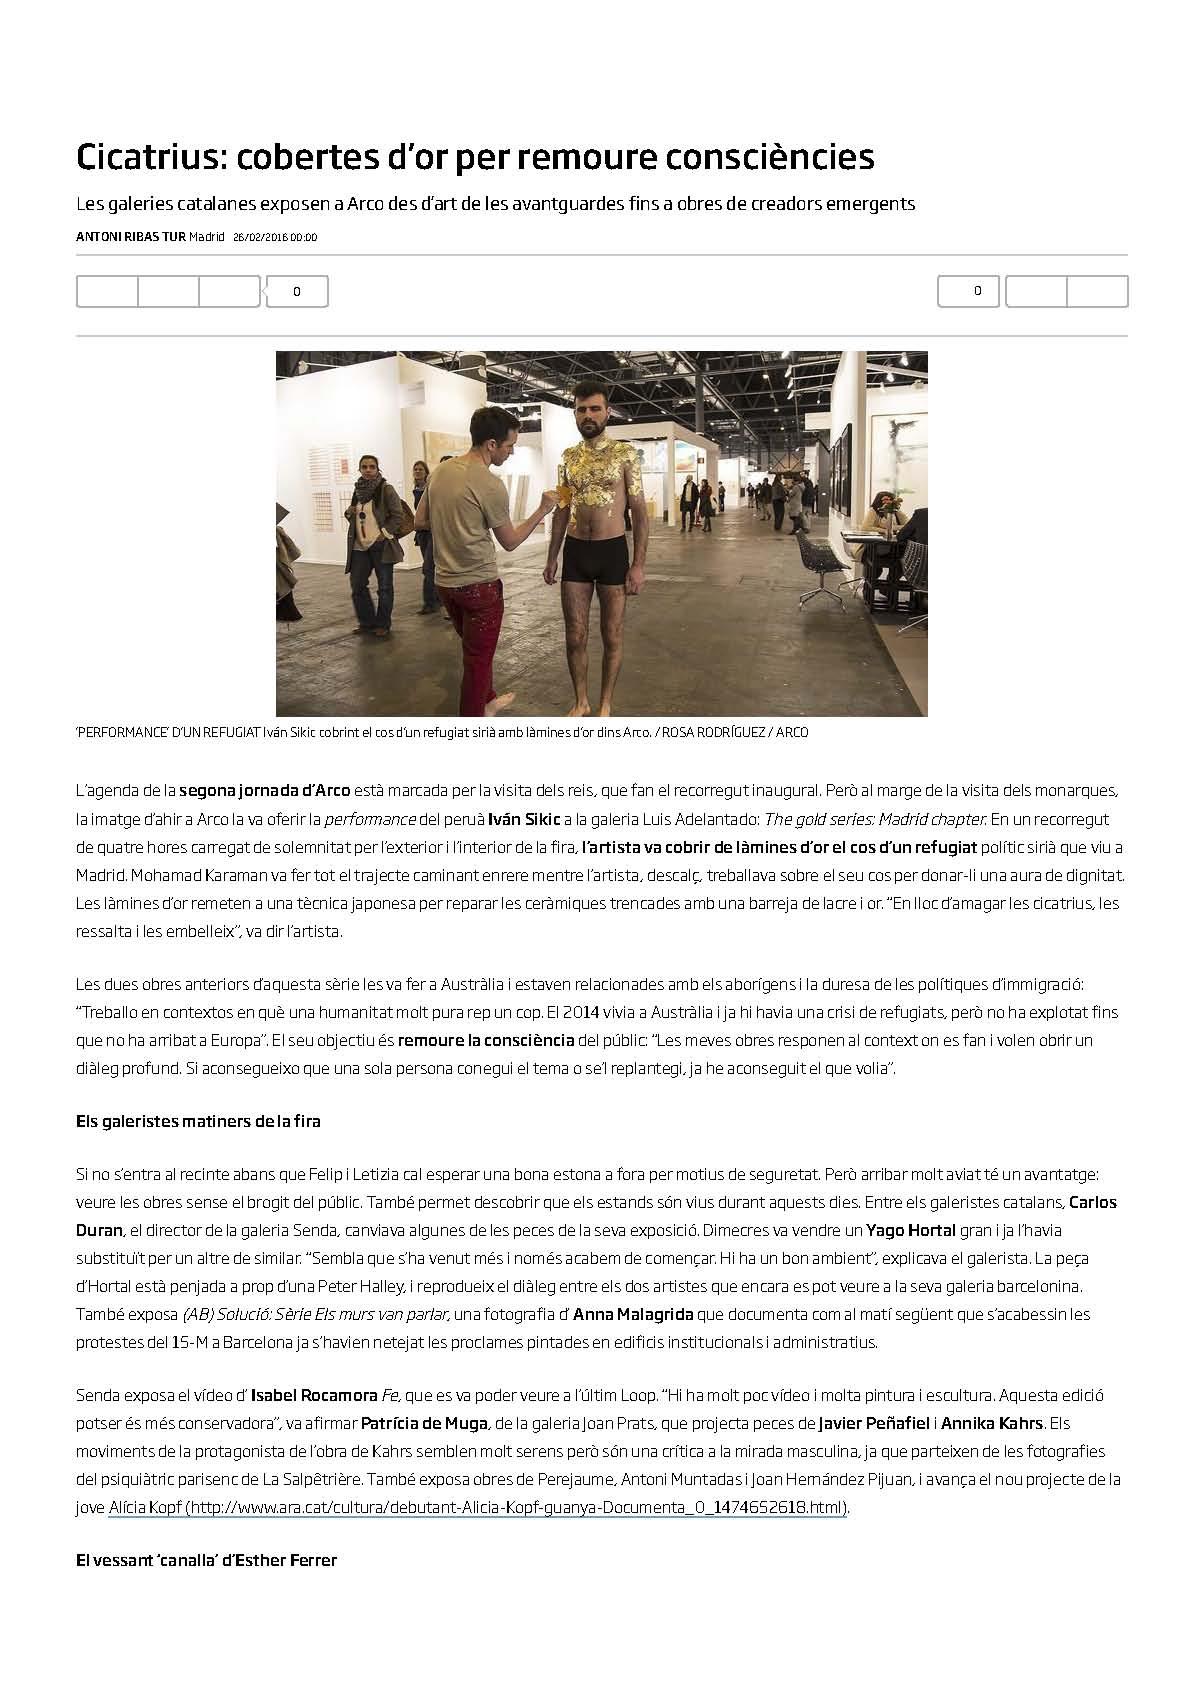 DIARIO ARA https://www.ara.cat/cultura/que-del-galeria-no-Tambe_0_1529847061.html ARA NEWSPAPER